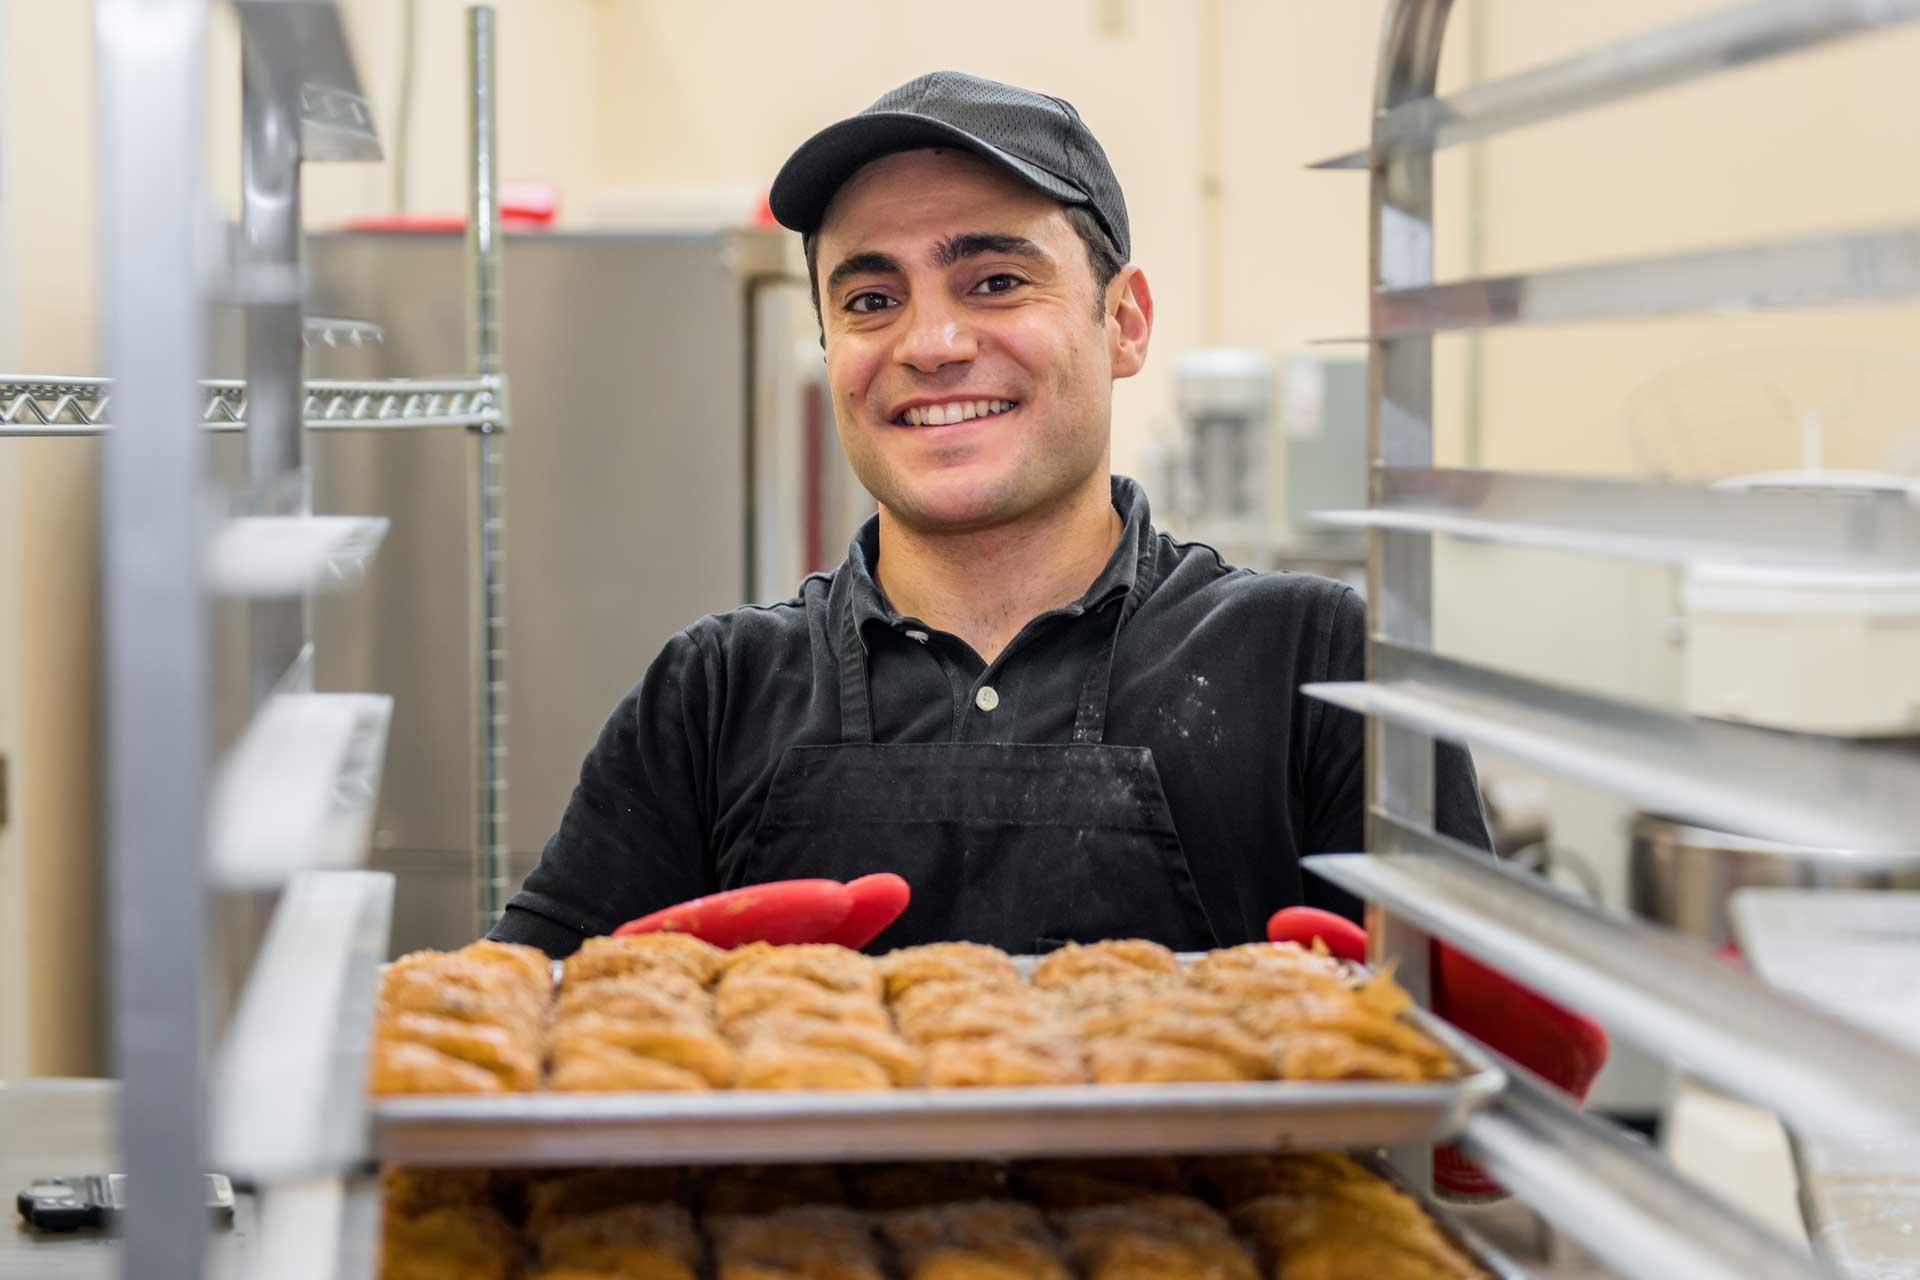 Baker putting a sheet of baklava on rack